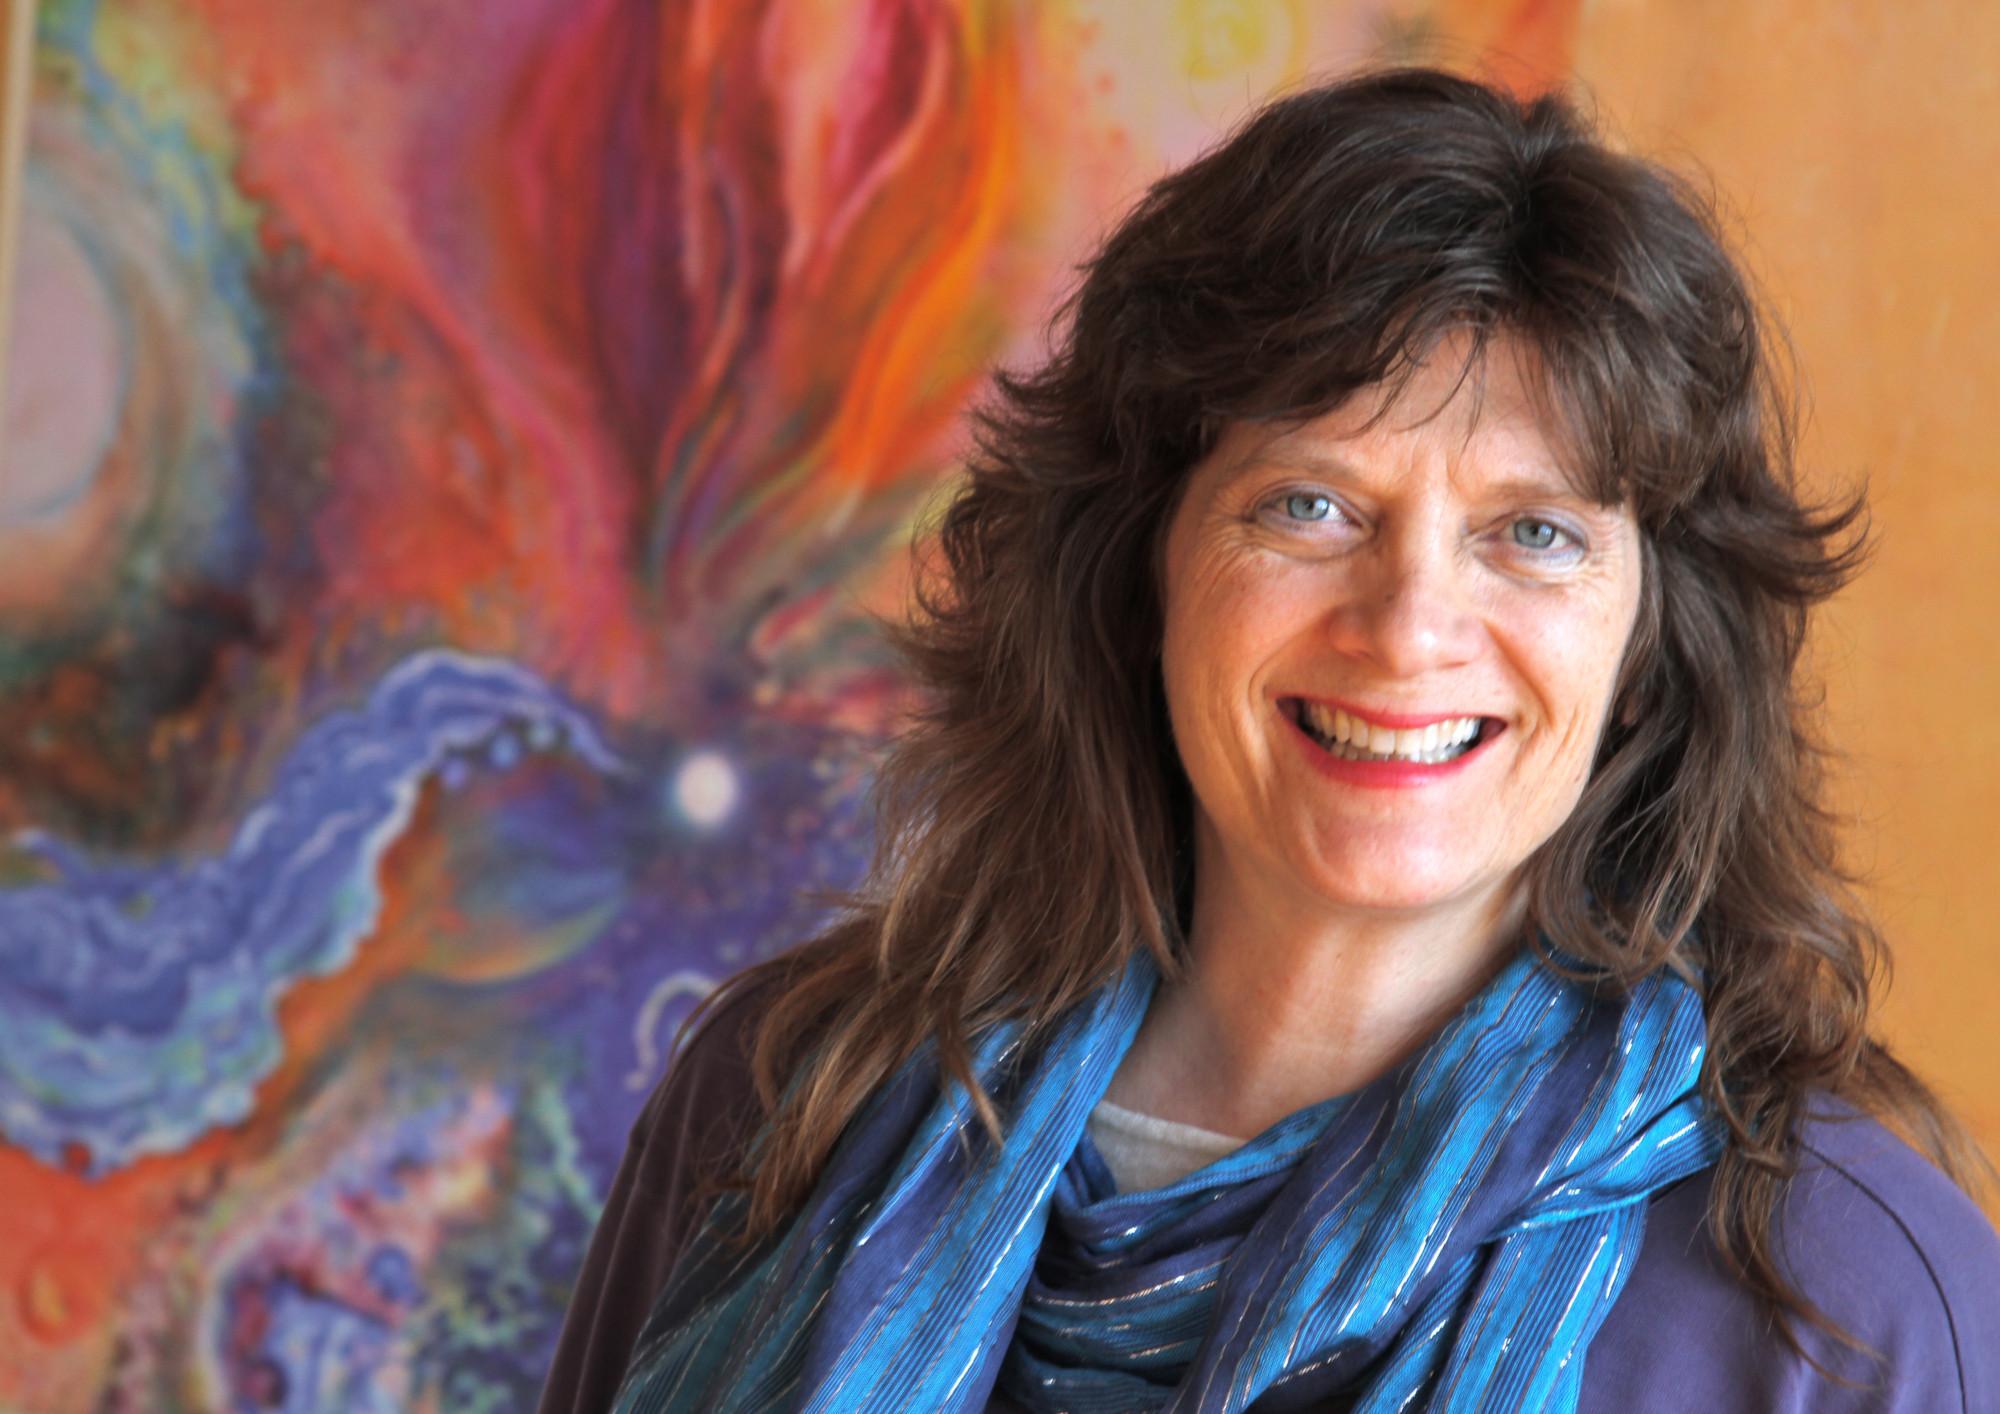 Dana-Lynne-Andersen-print-size